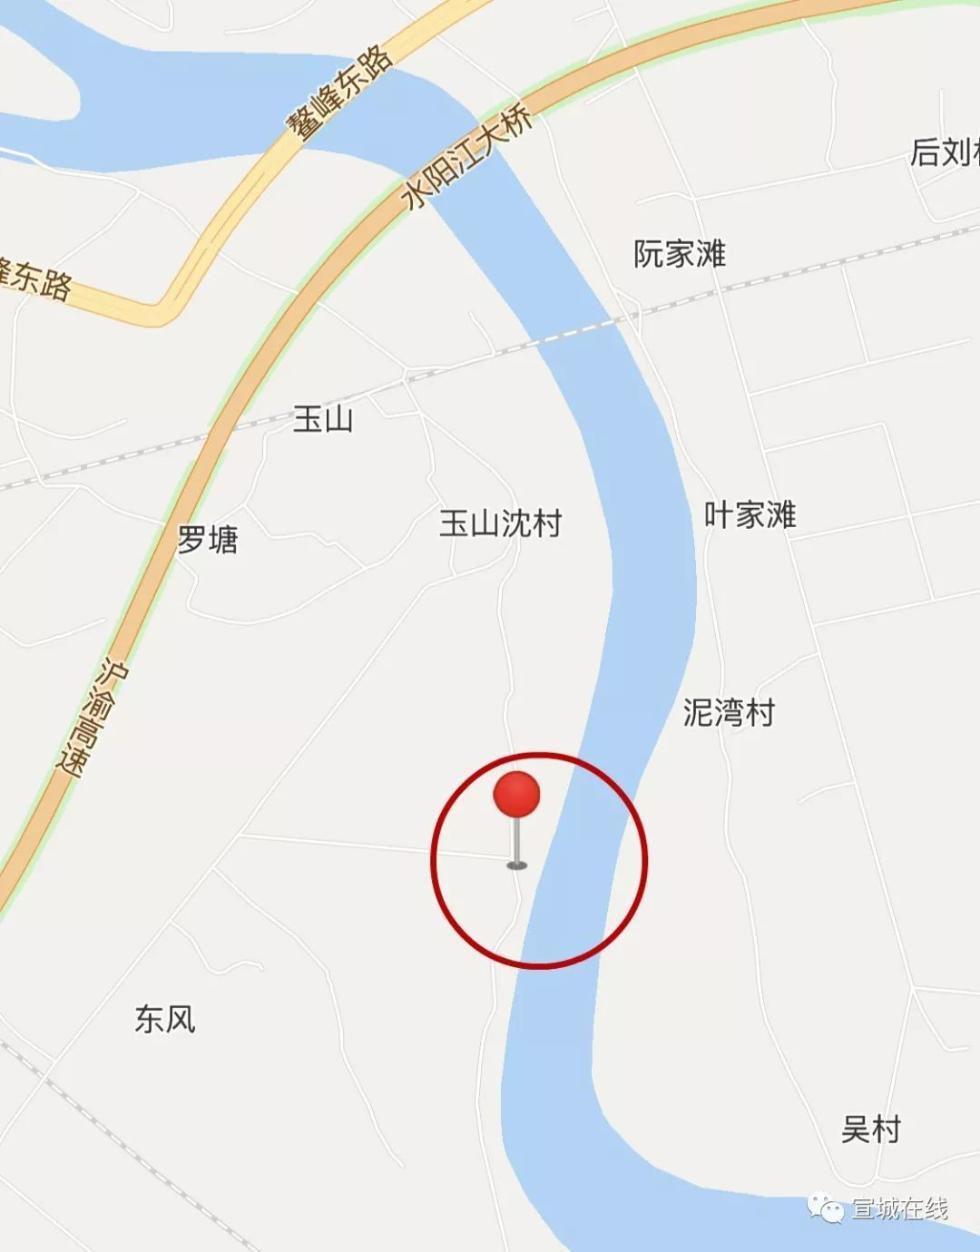 刚刚,安徽宣城玉山村发现女性尸体!